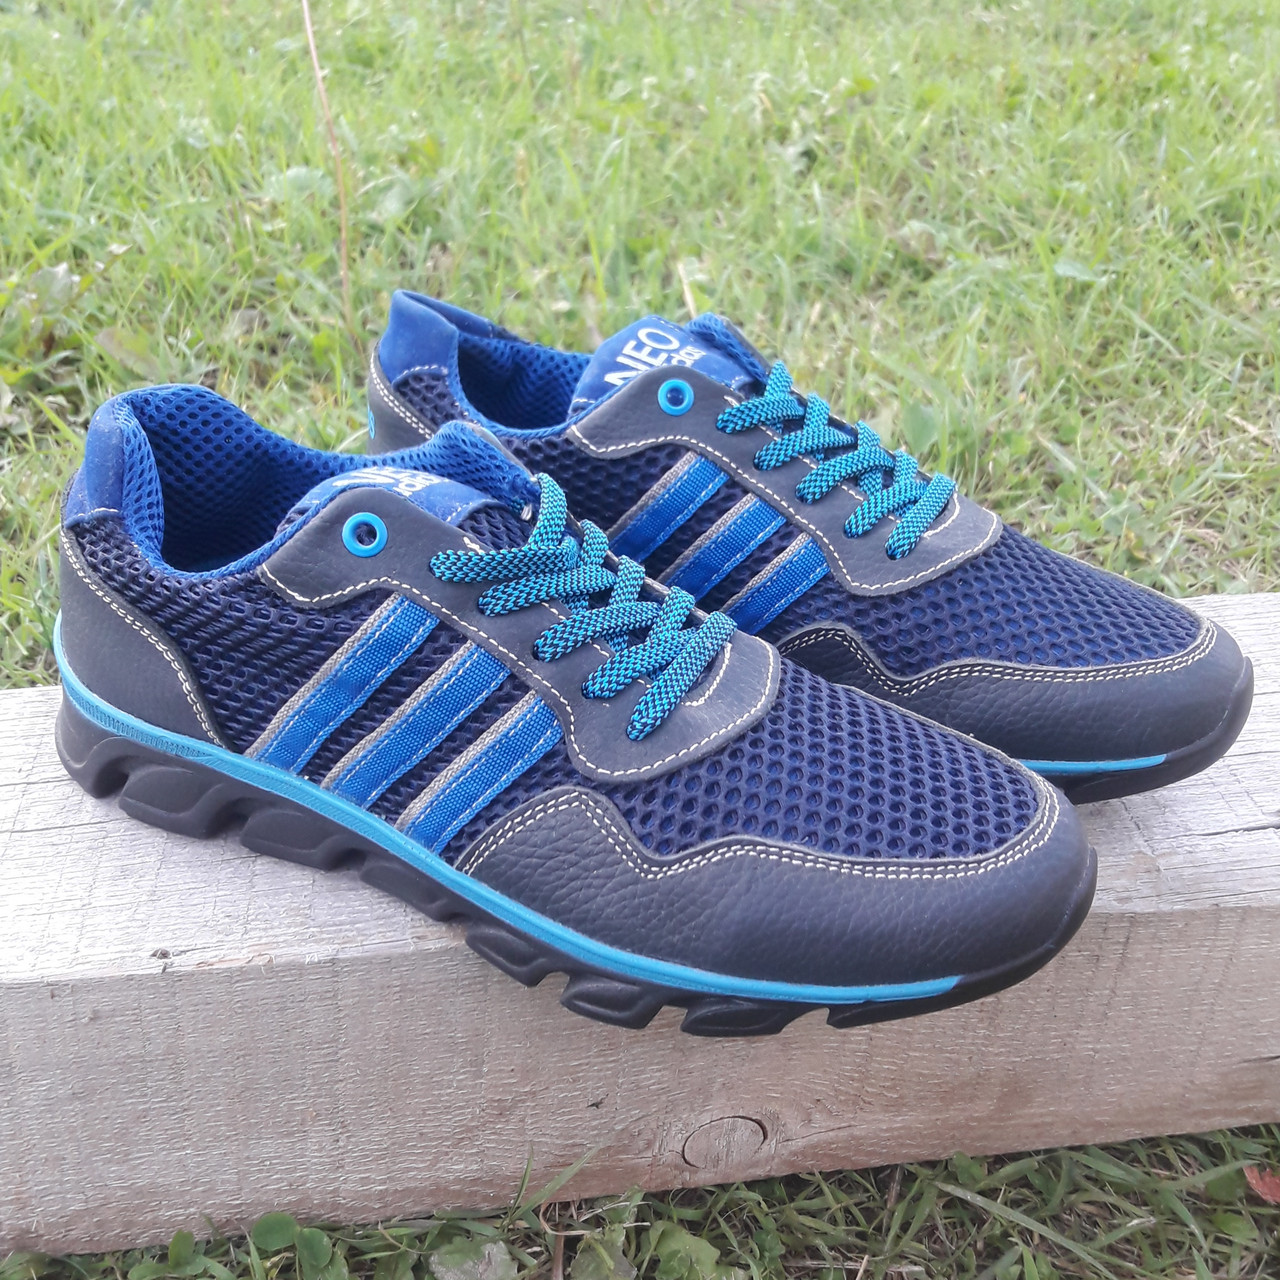 Кроссовки мужские Adidas р.41 кожа Харьков тёмно-синие сетка весна/лето